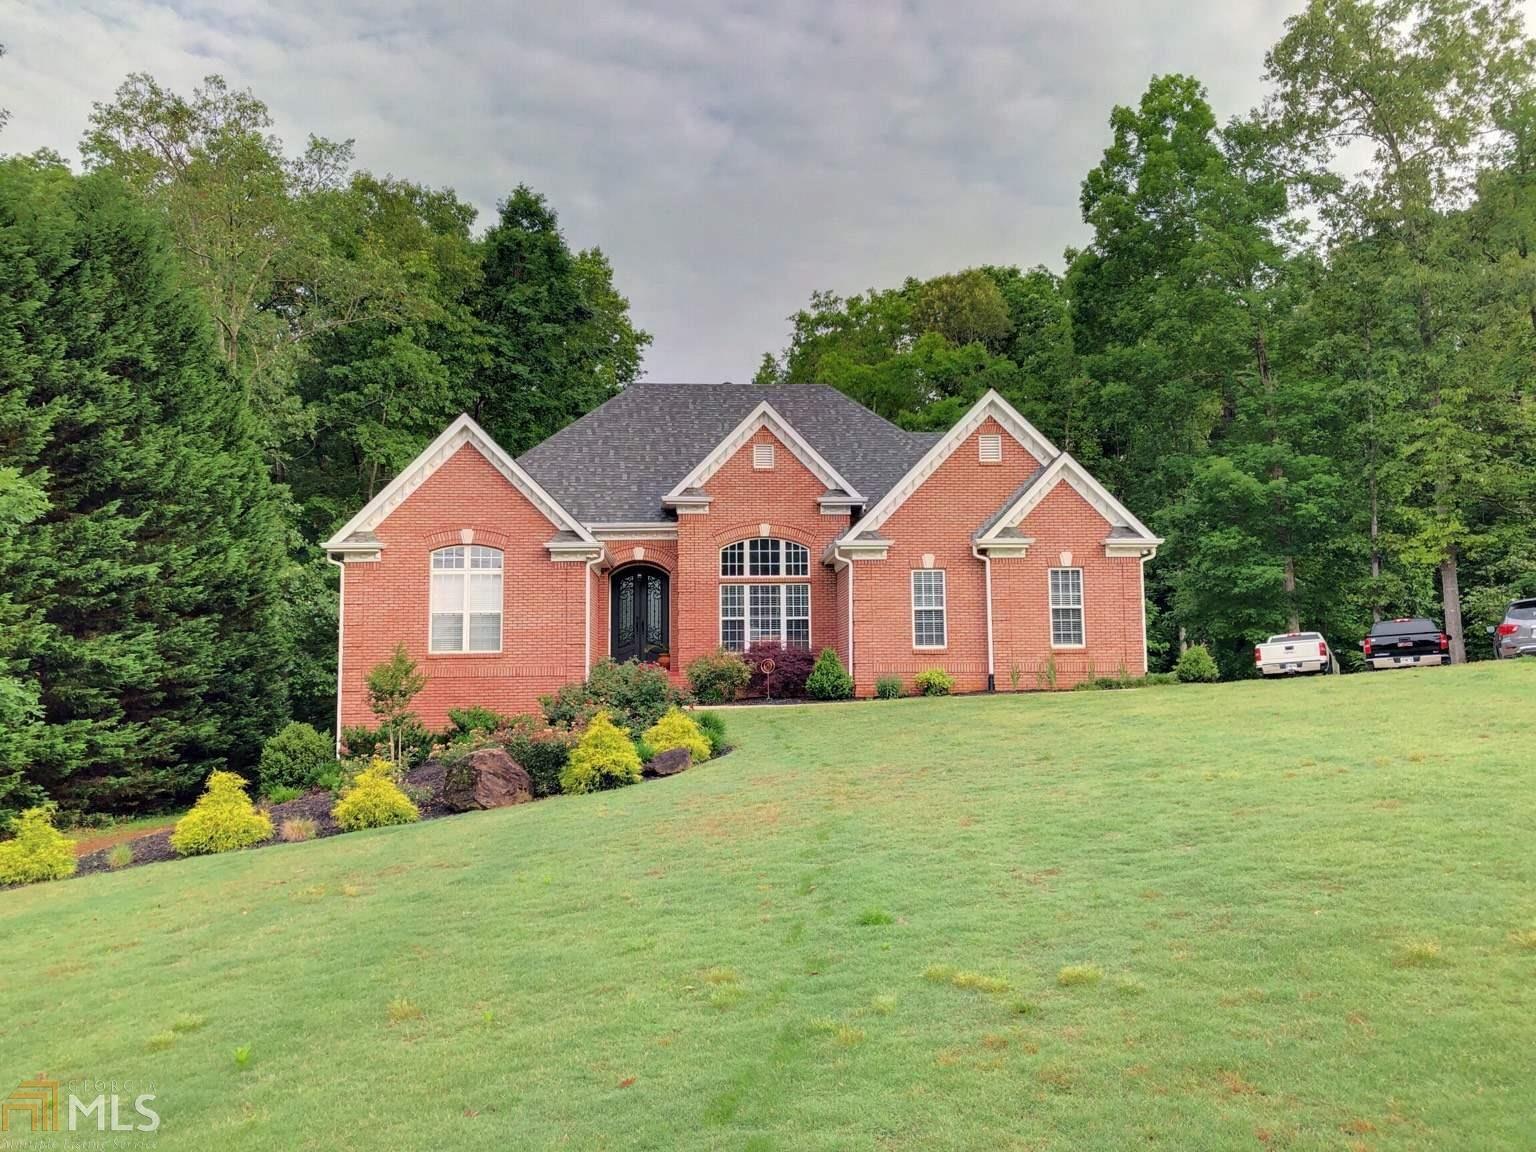 1251 Olde Lexington Rd, Hoschton, GA 30548 - MLS#: 8906871